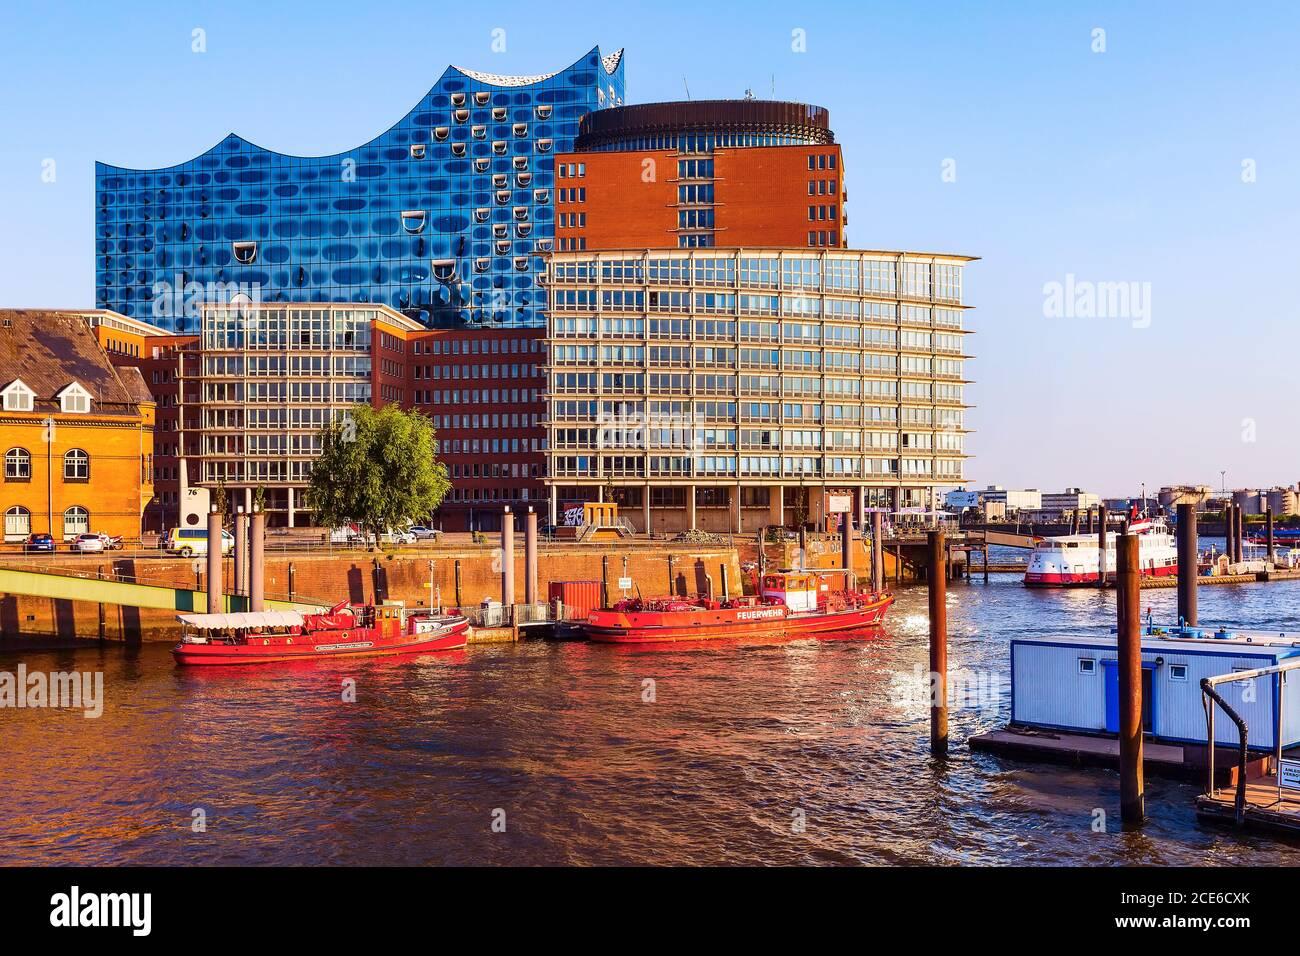 Distrito Speicherstadt en ciudad de Hamburgo, Alemania Foto de stock